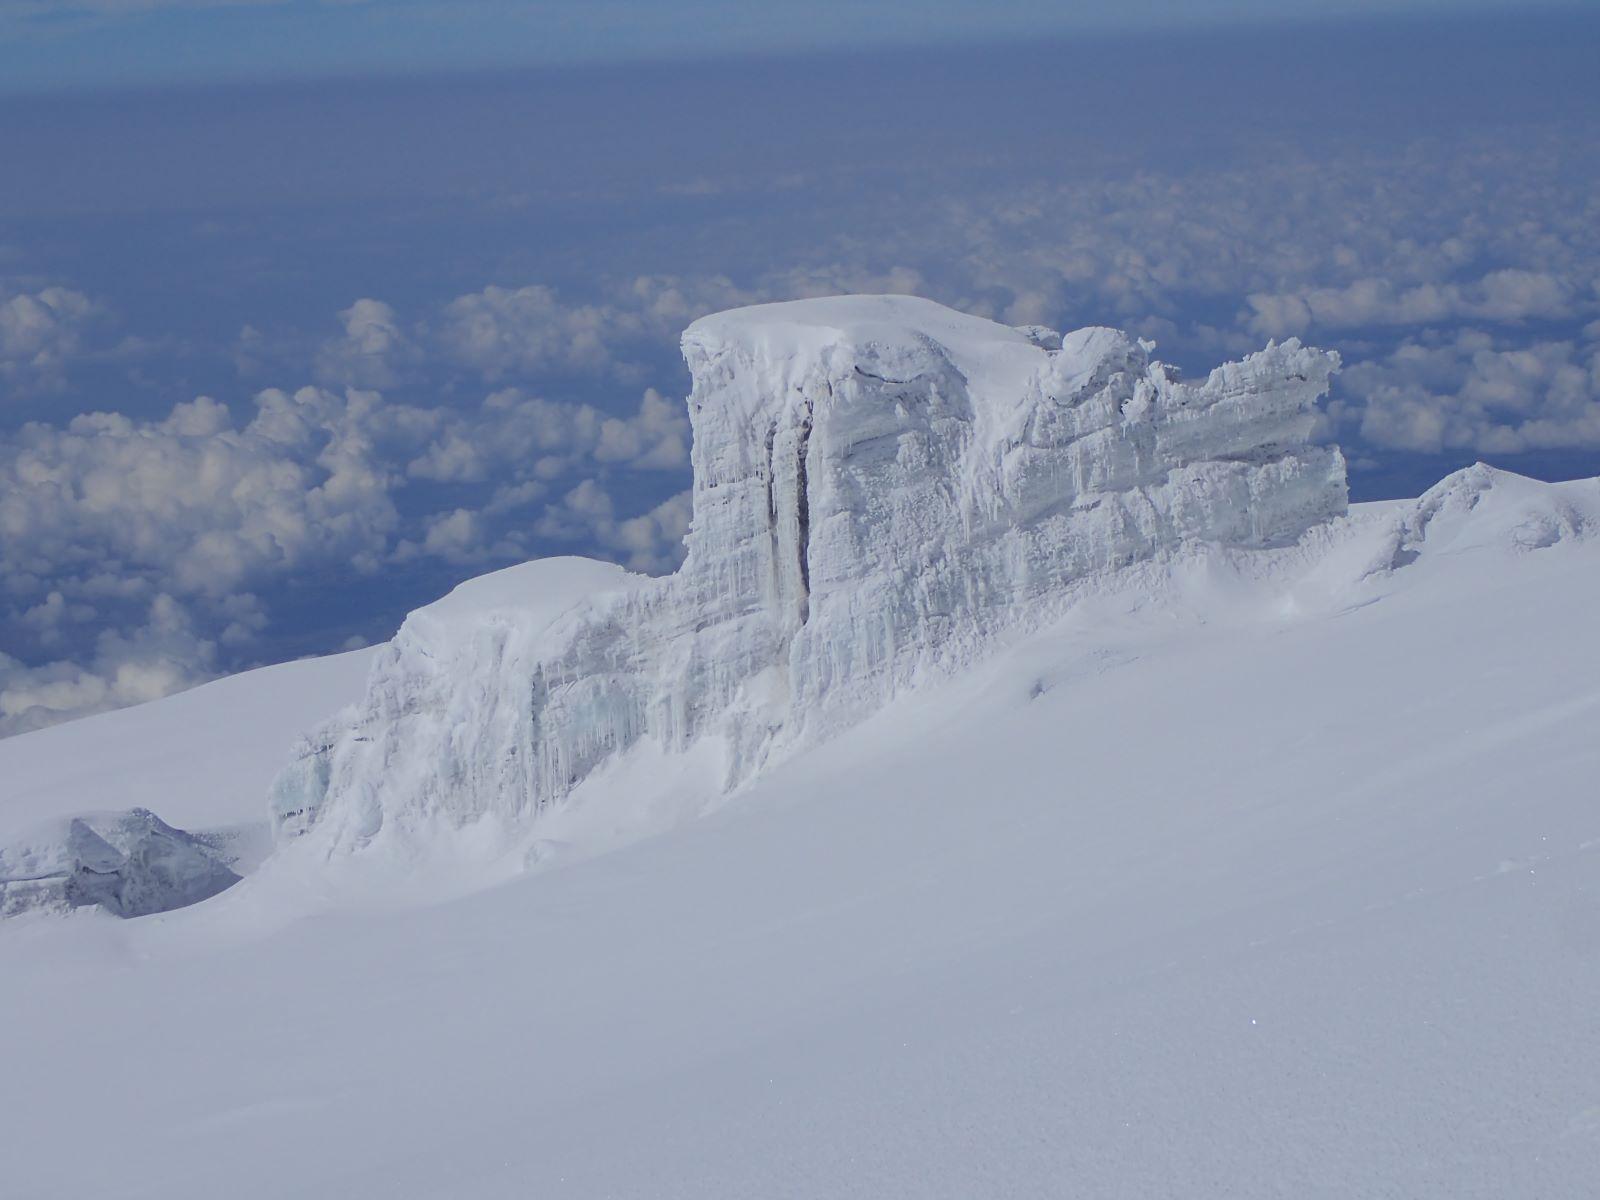 Lodowce Kilimanjaro fot. Jerzy Kostrzewa